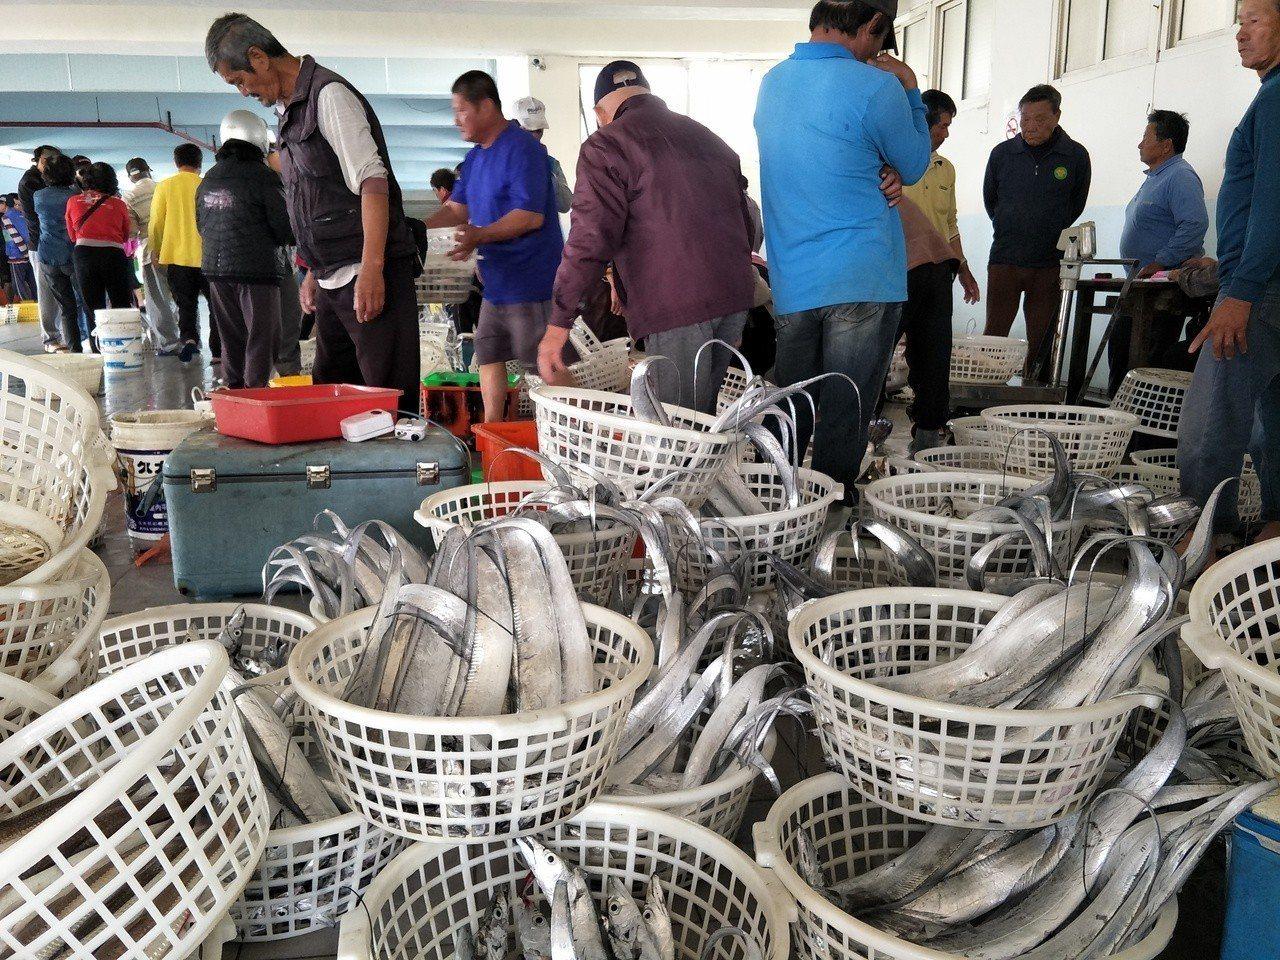 台南將軍及青山漁港都有開放魚貨拍賣,遊客可事前詢問參與。記者謝進盛/攝影